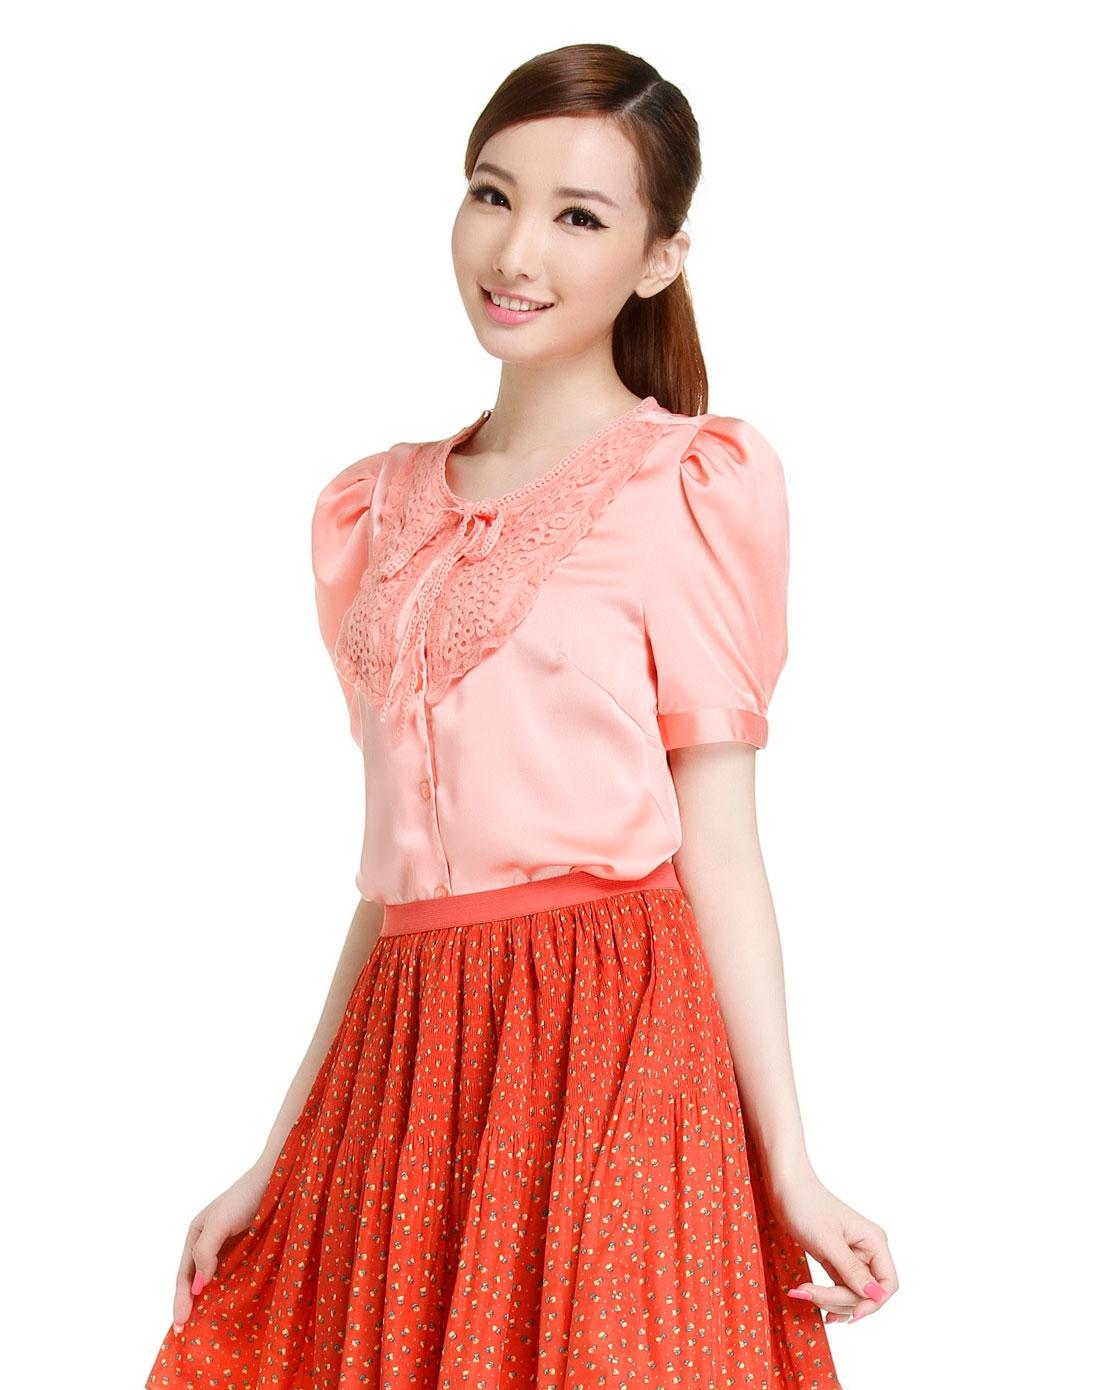 东方骆驼百搭可爱粉红色短袖衬衫7320009132-嫩粉红